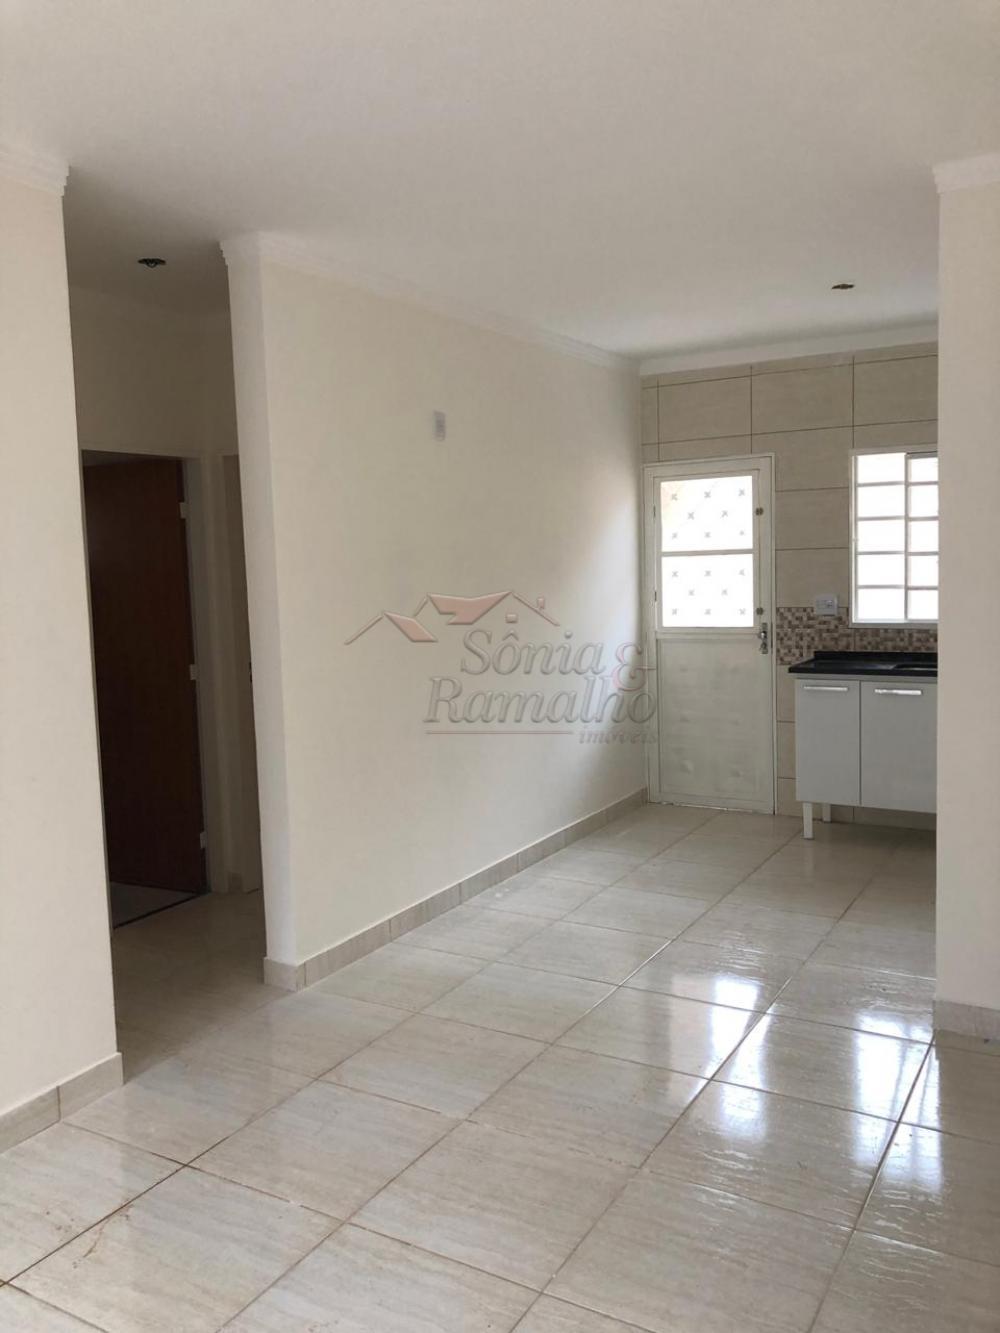 Comprar Casas / Padrão em Ribeirão Preto apenas R$ 175.000,00 - Foto 4